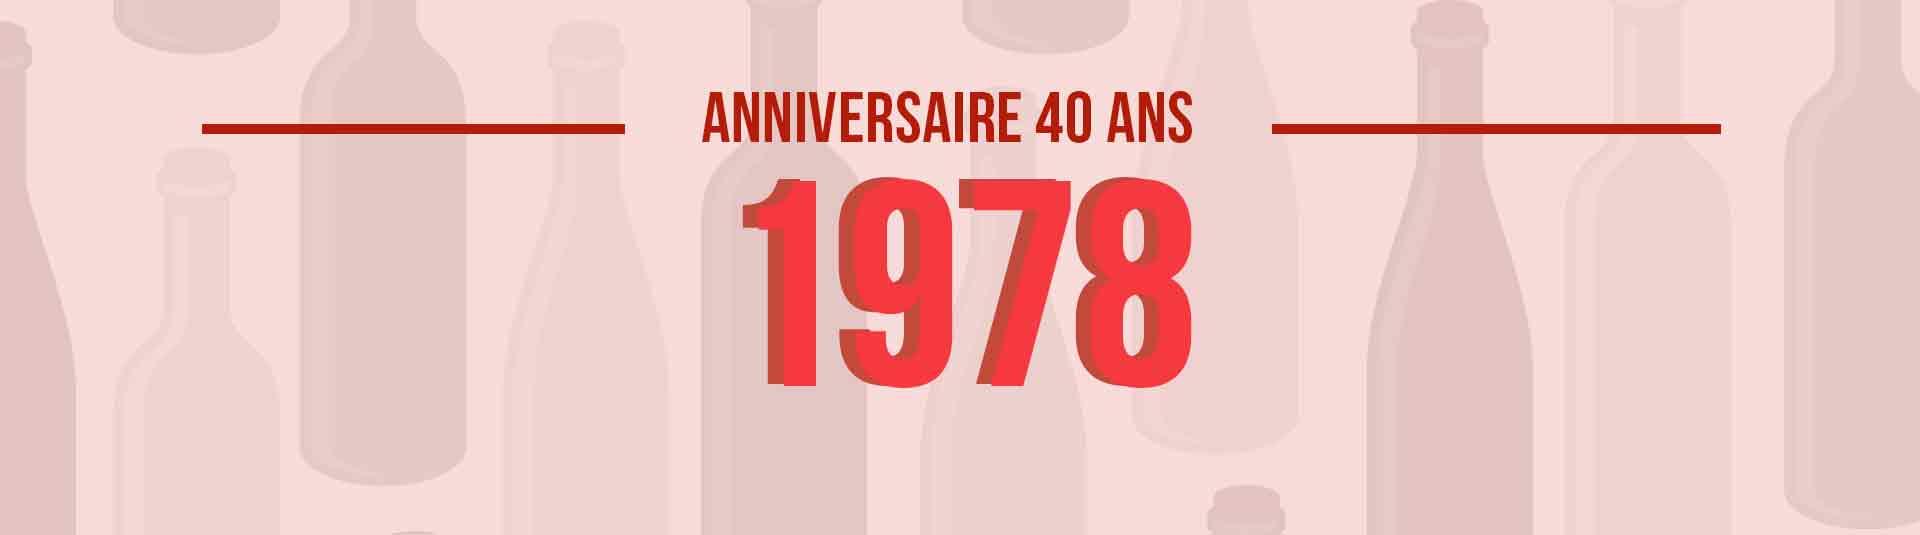 Vins de 1978 : cadeau d'anniversaire 40 ans